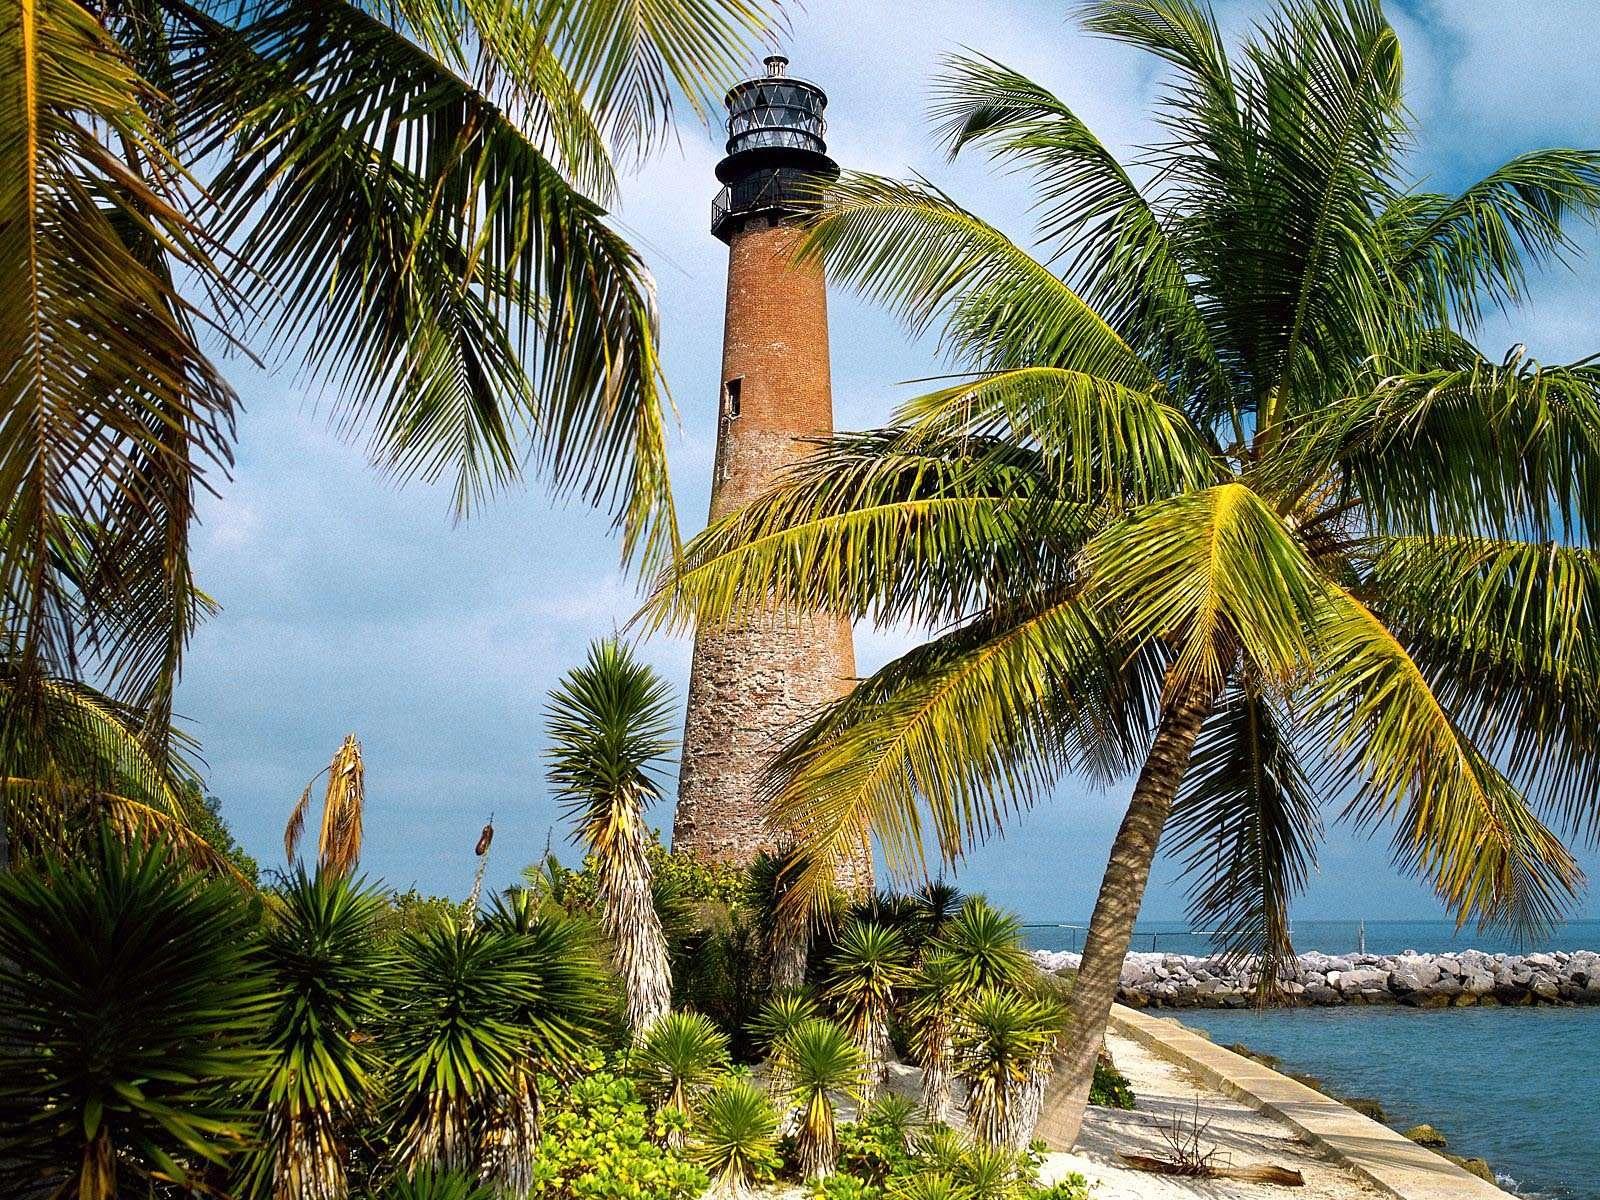 Foto palmeras y faro a la orilla del mar para editar - Para disenar fotos ...